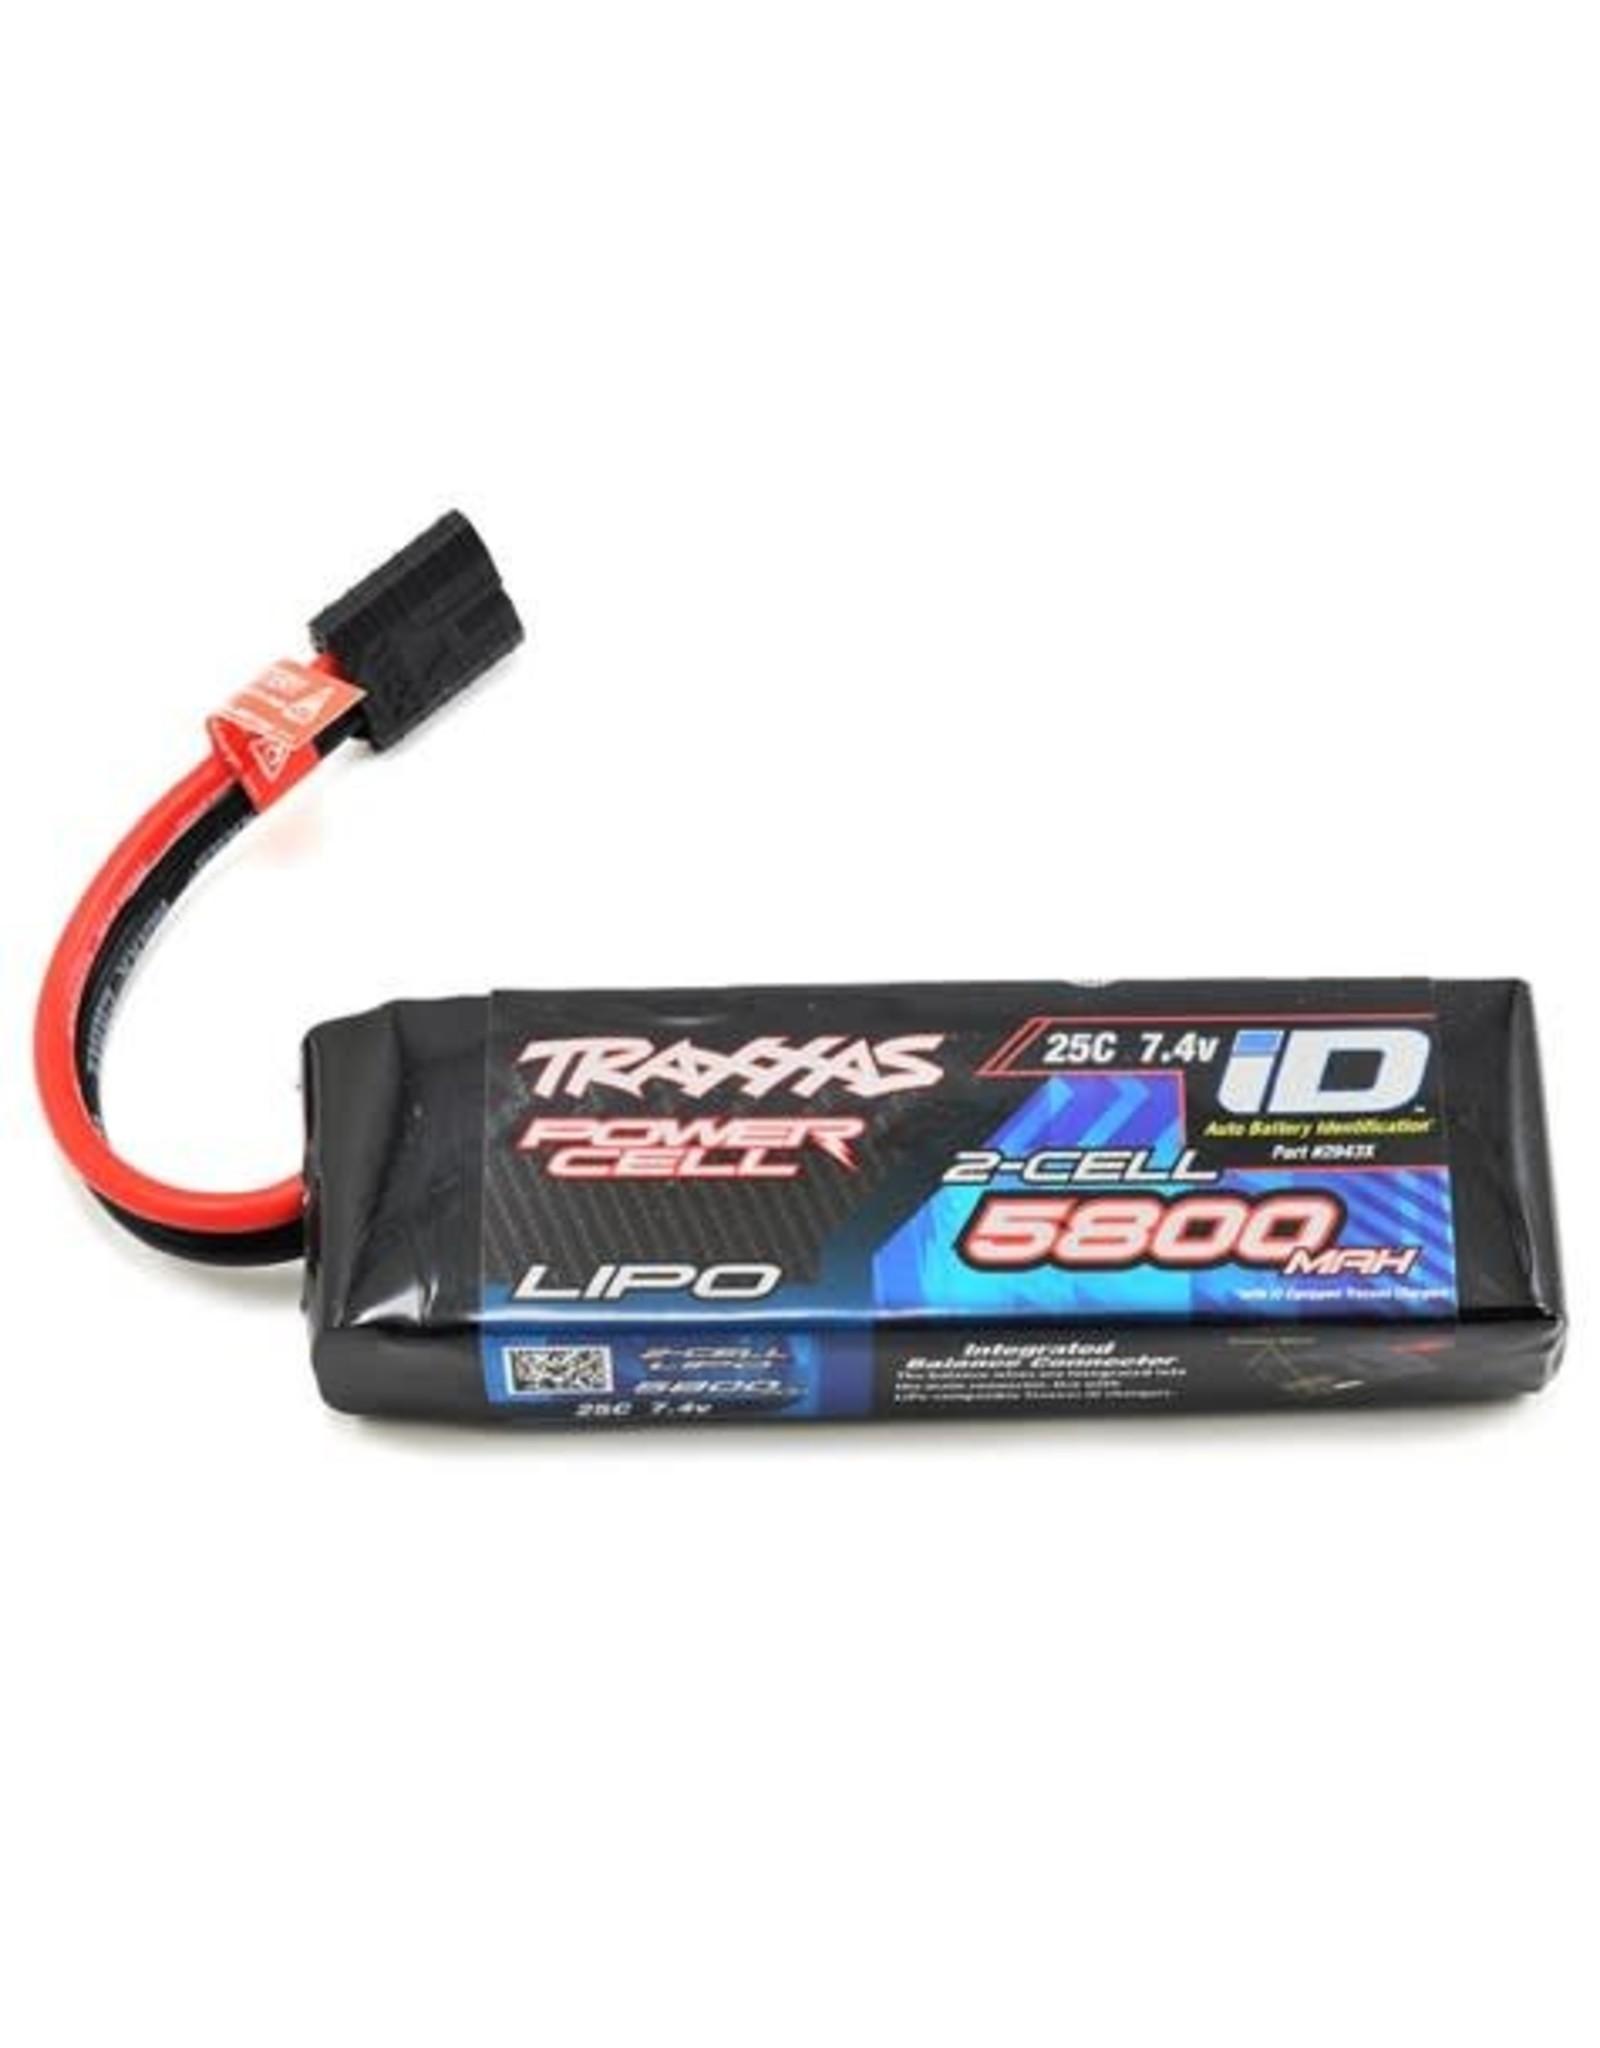 Traxxas 7.4V 5800mAh 25C 2S LiPo Battery with TRA ID (TRA2843X)